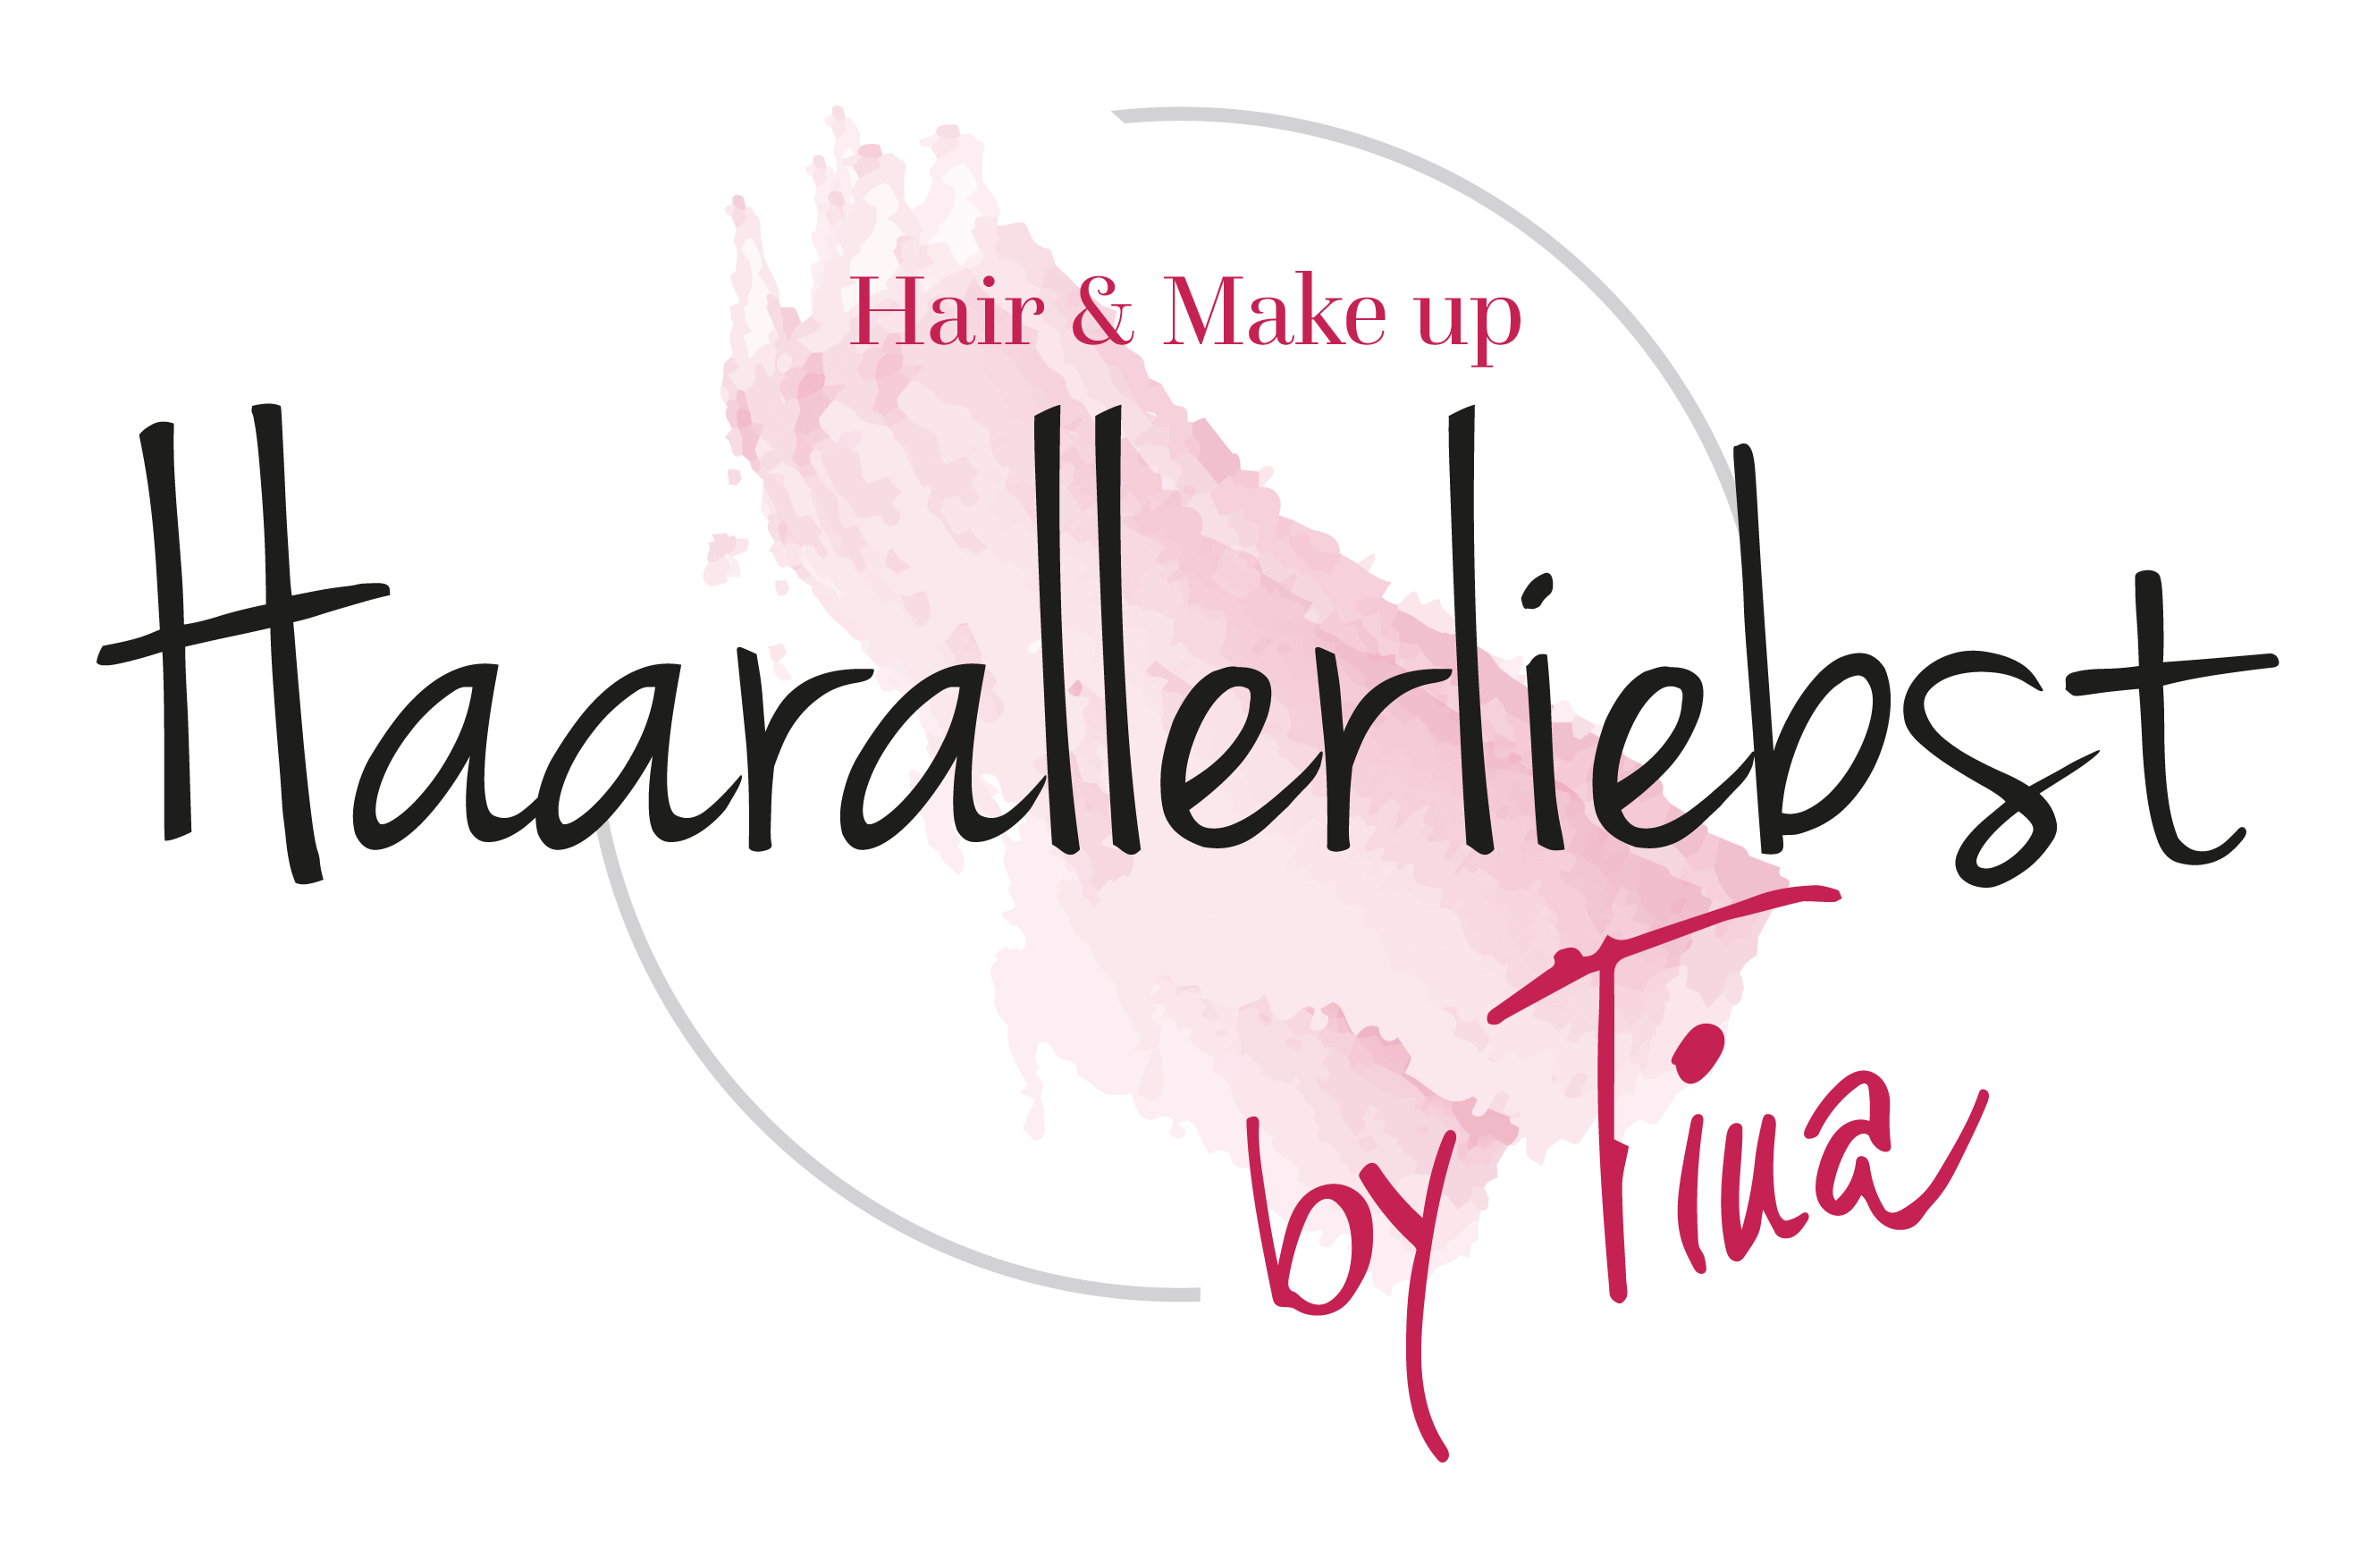 Kopfsache by Tina - St. Marienkirchen | Deine Schönheit ist in guten Händen - Ob zeitlose Eleganz oder trendiger Style, bei mir haben Sie immer das Beste für Ihr Haar und Ihre Ausstrahlung.